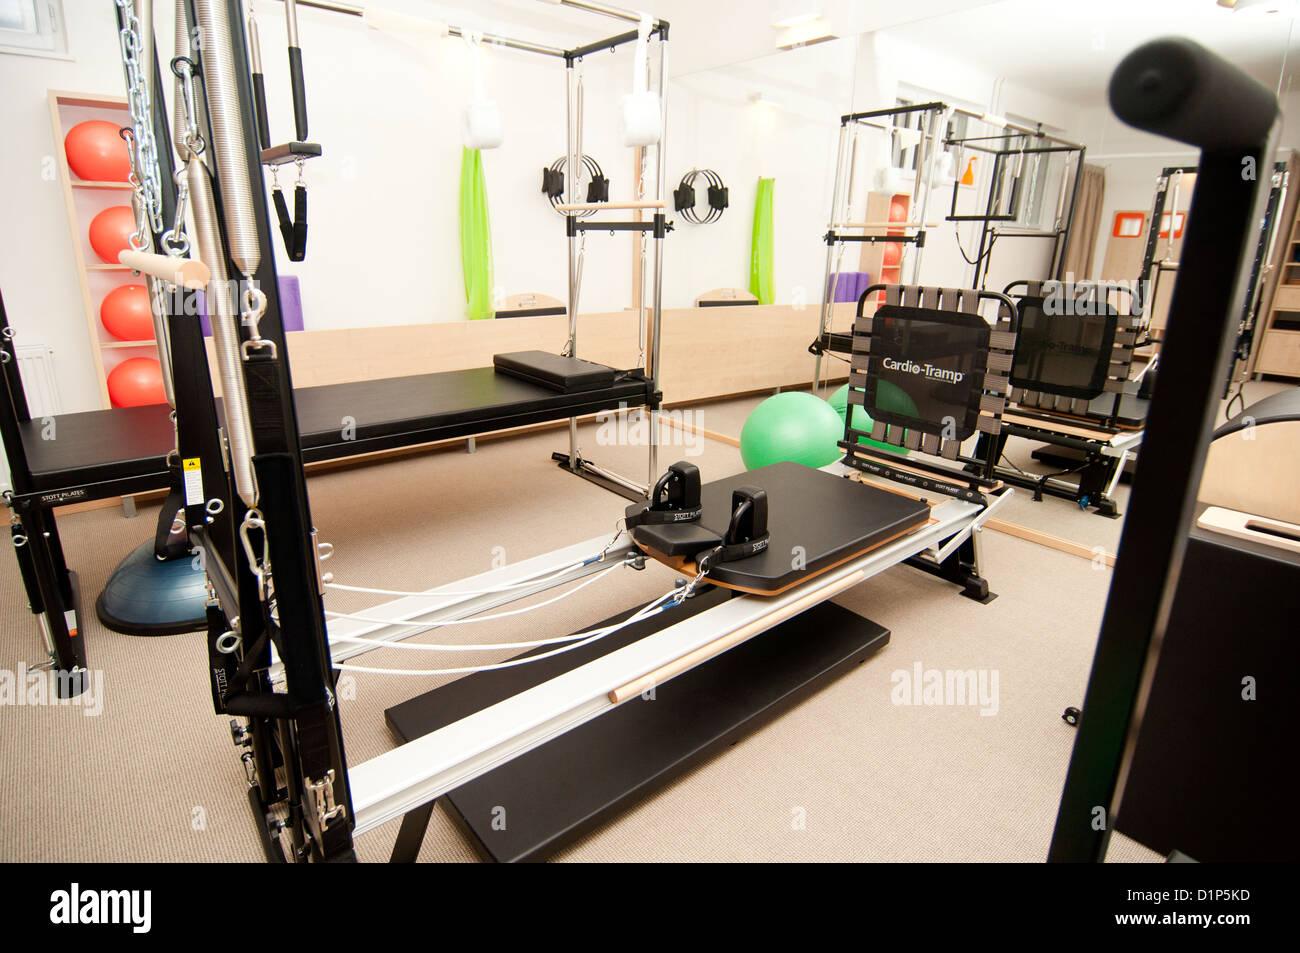 Pilates studio - Stock Image